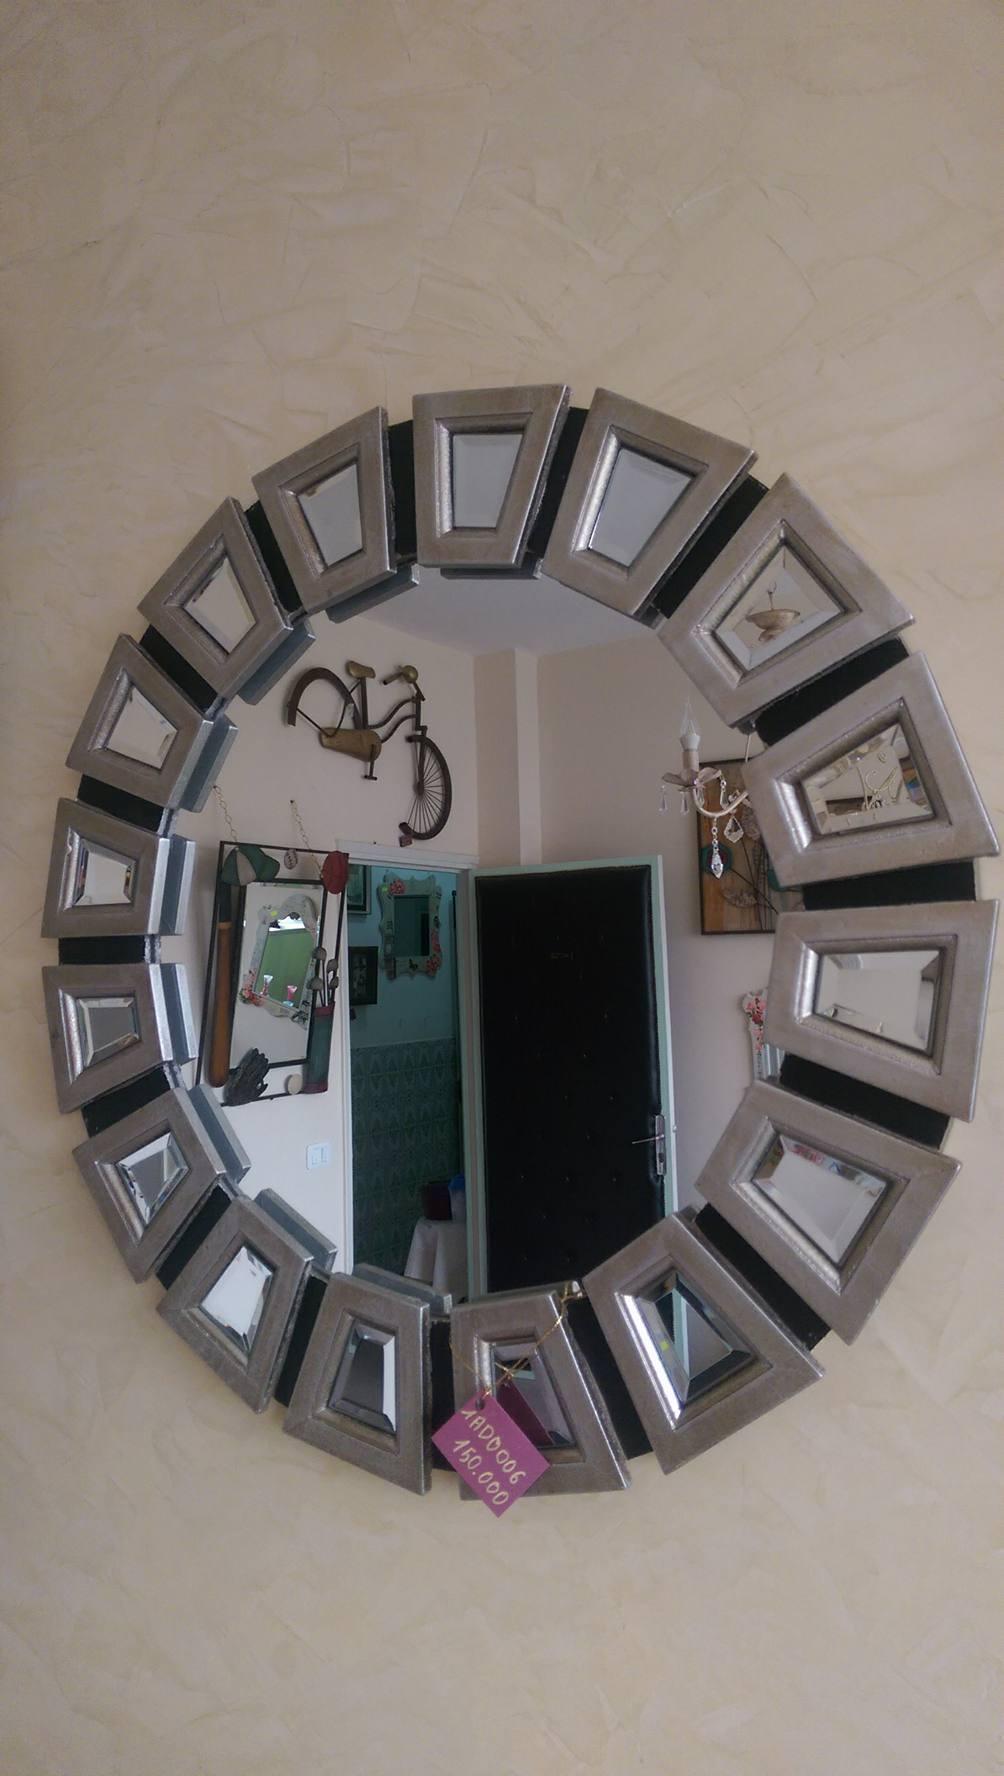 Miroir murale meubles et d coration tunisie for Decoration murale miroir